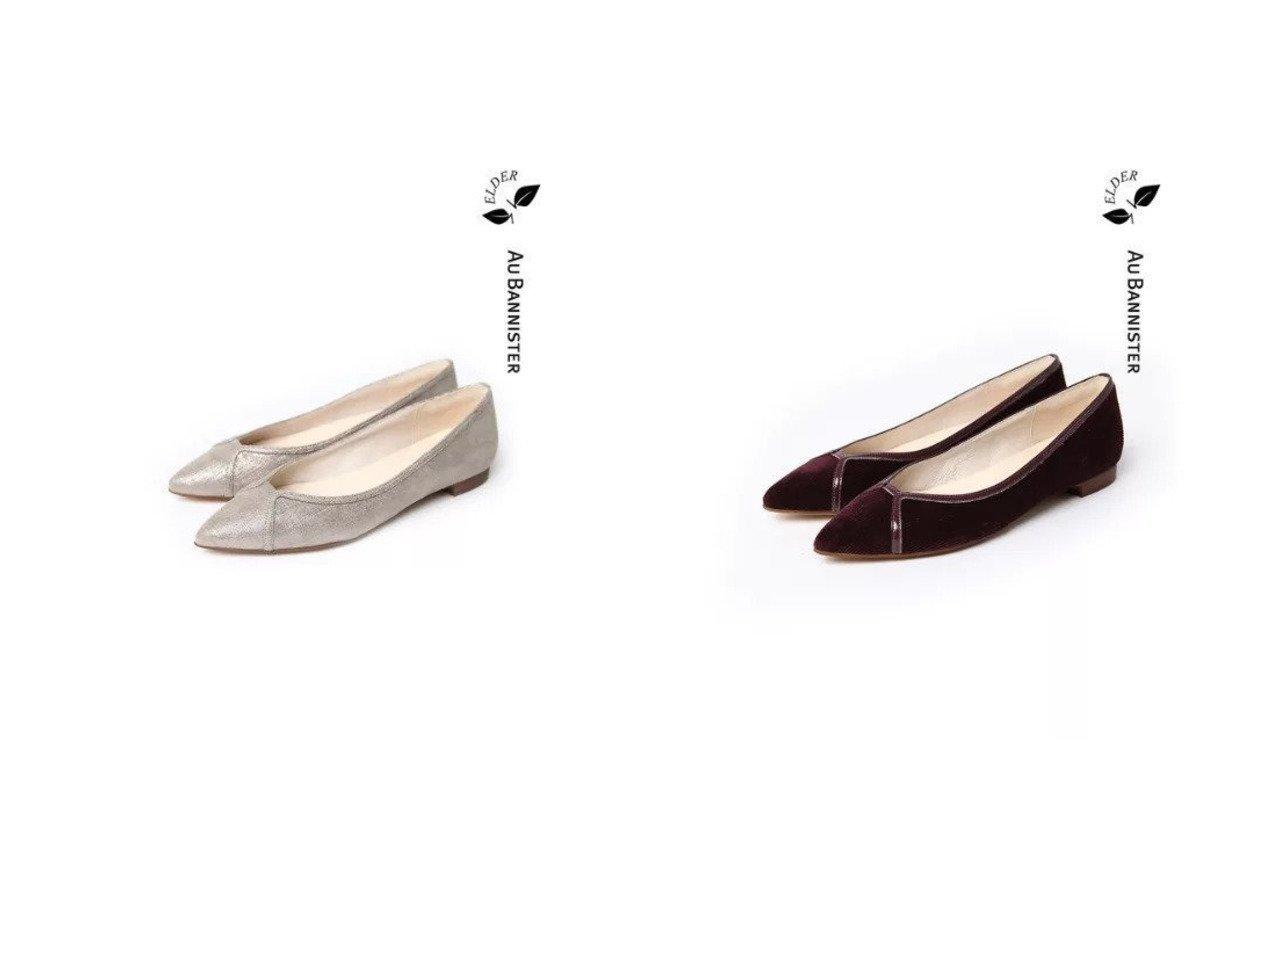 【Au BANNISTER/オゥ バニスター】のELDER ポインテッド フラットパンプス おすすめ!人気、トレンド・レディースファッションの通販 おすすめで人気の流行・トレンド、ファッションの通販商品 インテリア・家具・メンズファッション・キッズファッション・レディースファッション・服の通販 founy(ファニー) https://founy.com/ ファッション Fashion レディースファッション WOMEN シューズ フラット ポインテッド |ID:crp329100000061917